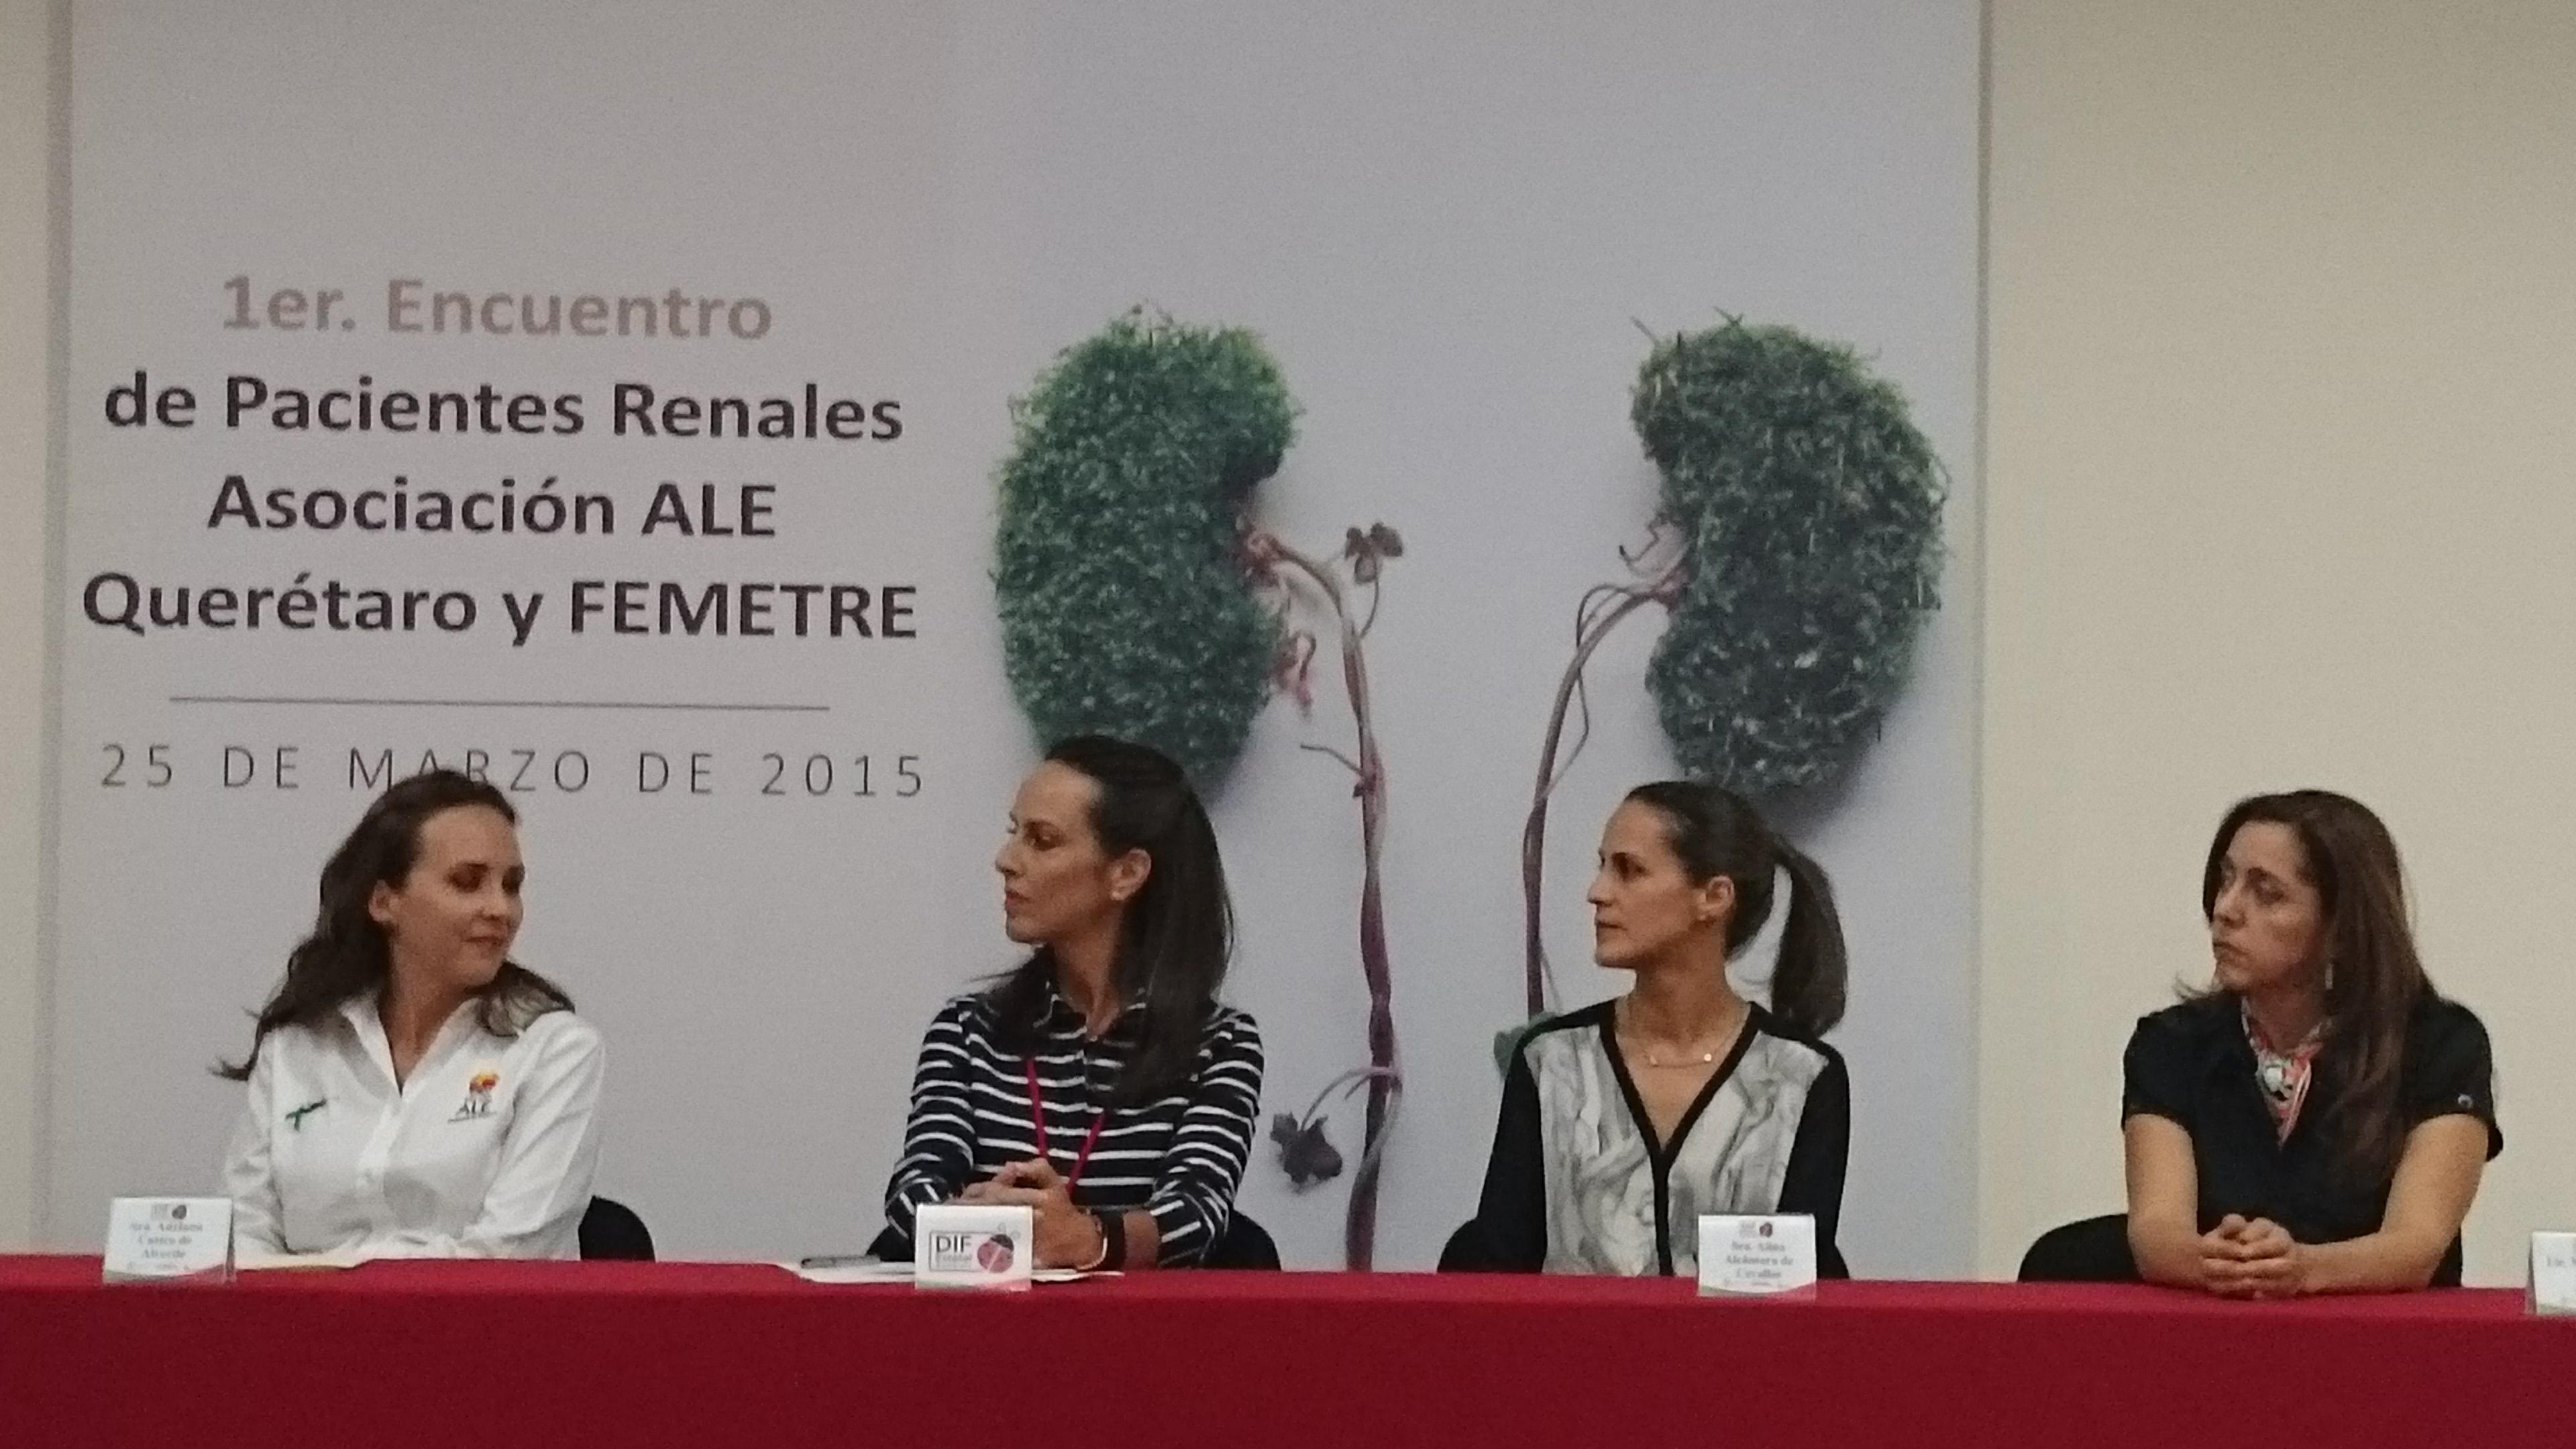 Encuentro de Pacientes Renales, Querètaro-25/Marzo